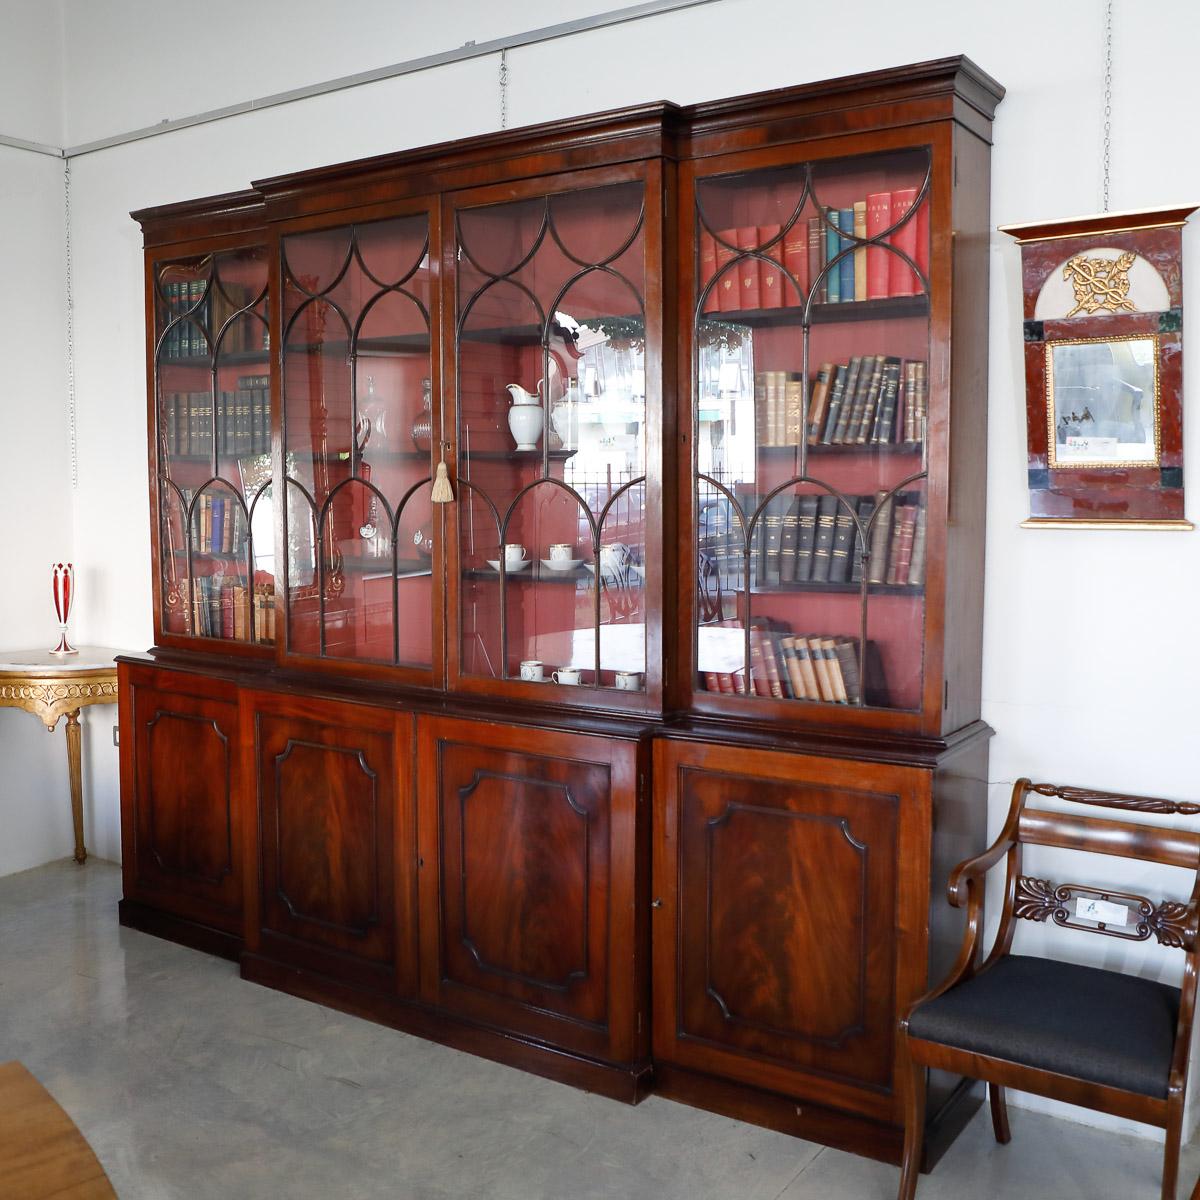 Comò Antichi Del 800 libreria inglese in mogano metà '800 | mobili sisi antiquariato